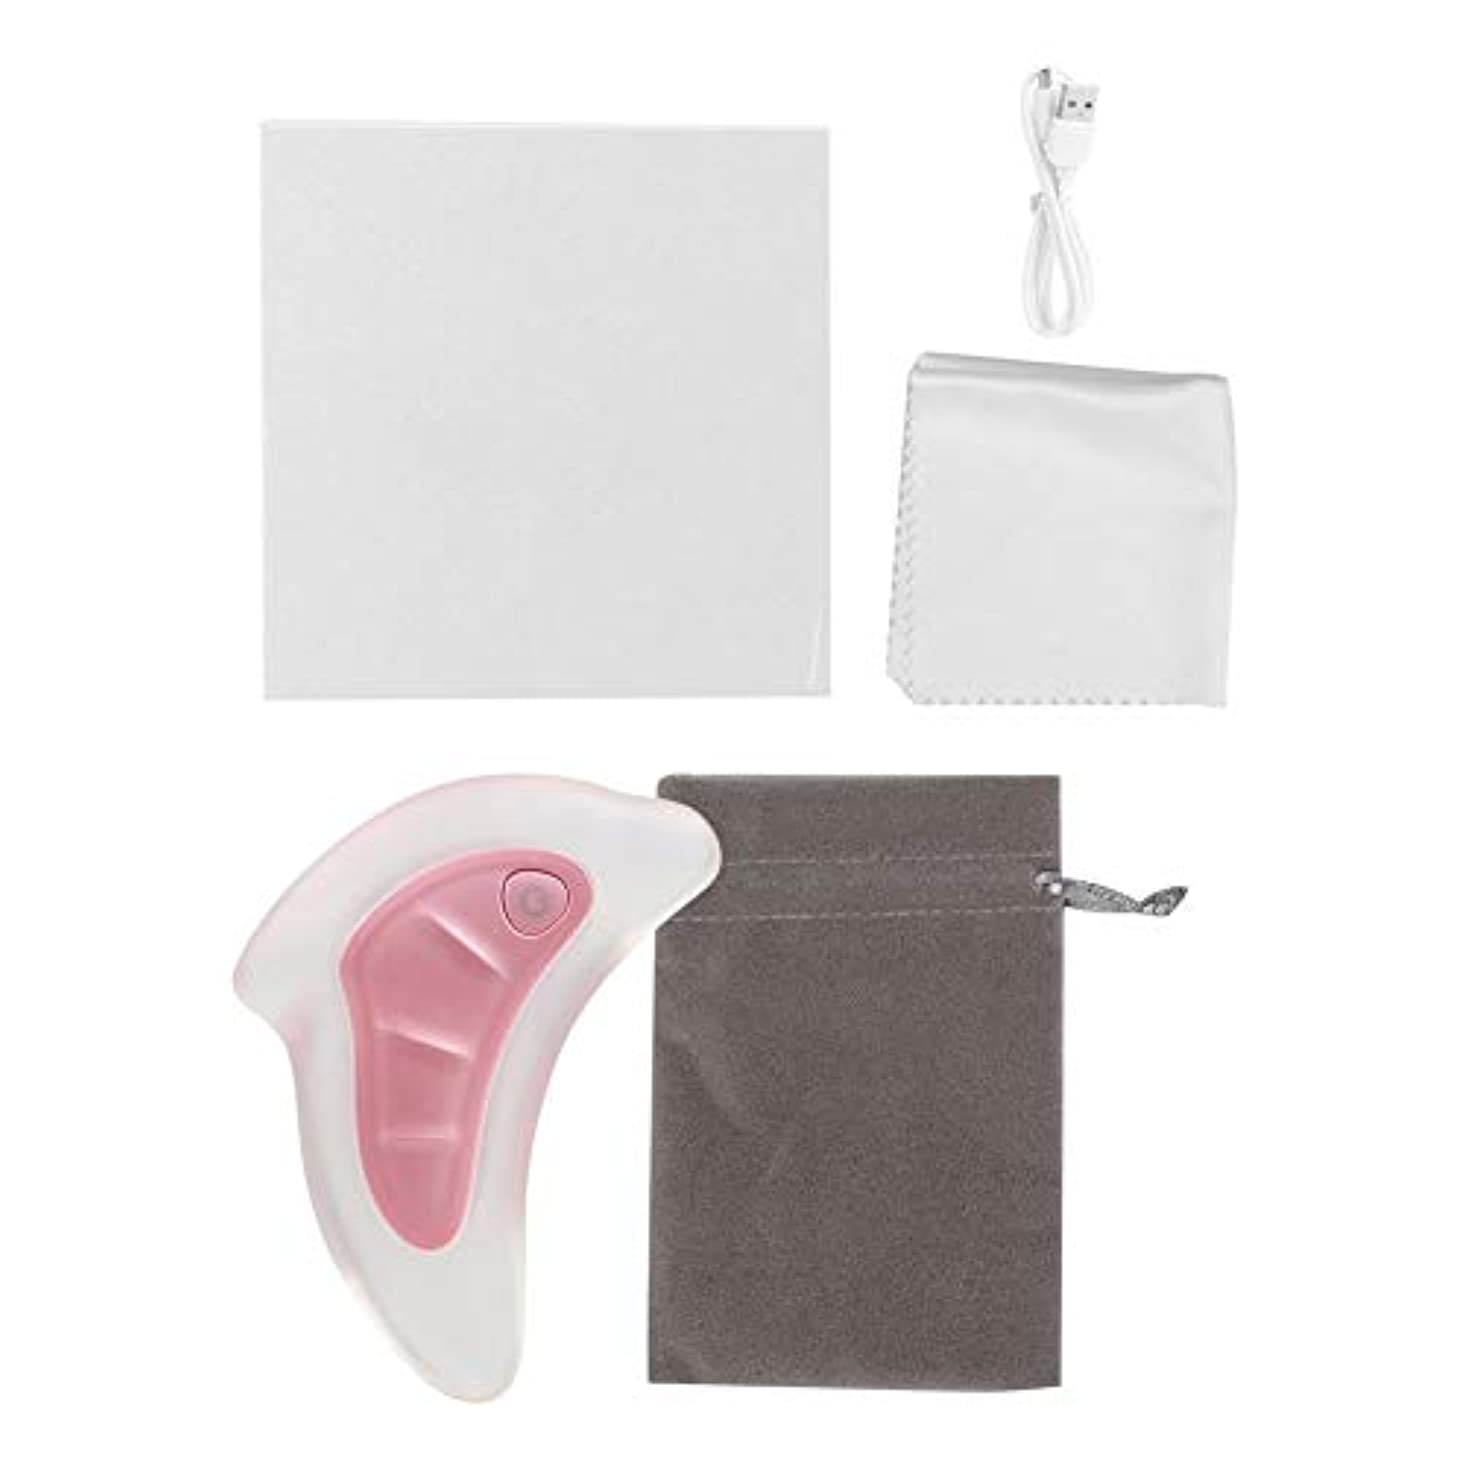 平衡レオナルドダギャング2色スクレーピングマッサージャー - フェイスリフティングスクレーパー、グアシャツール - アンチエイジング、アンチリンクルマッサージ&フェイシャルグアシャ、カラフルなライトを廃棄するための楽器(ピンク)